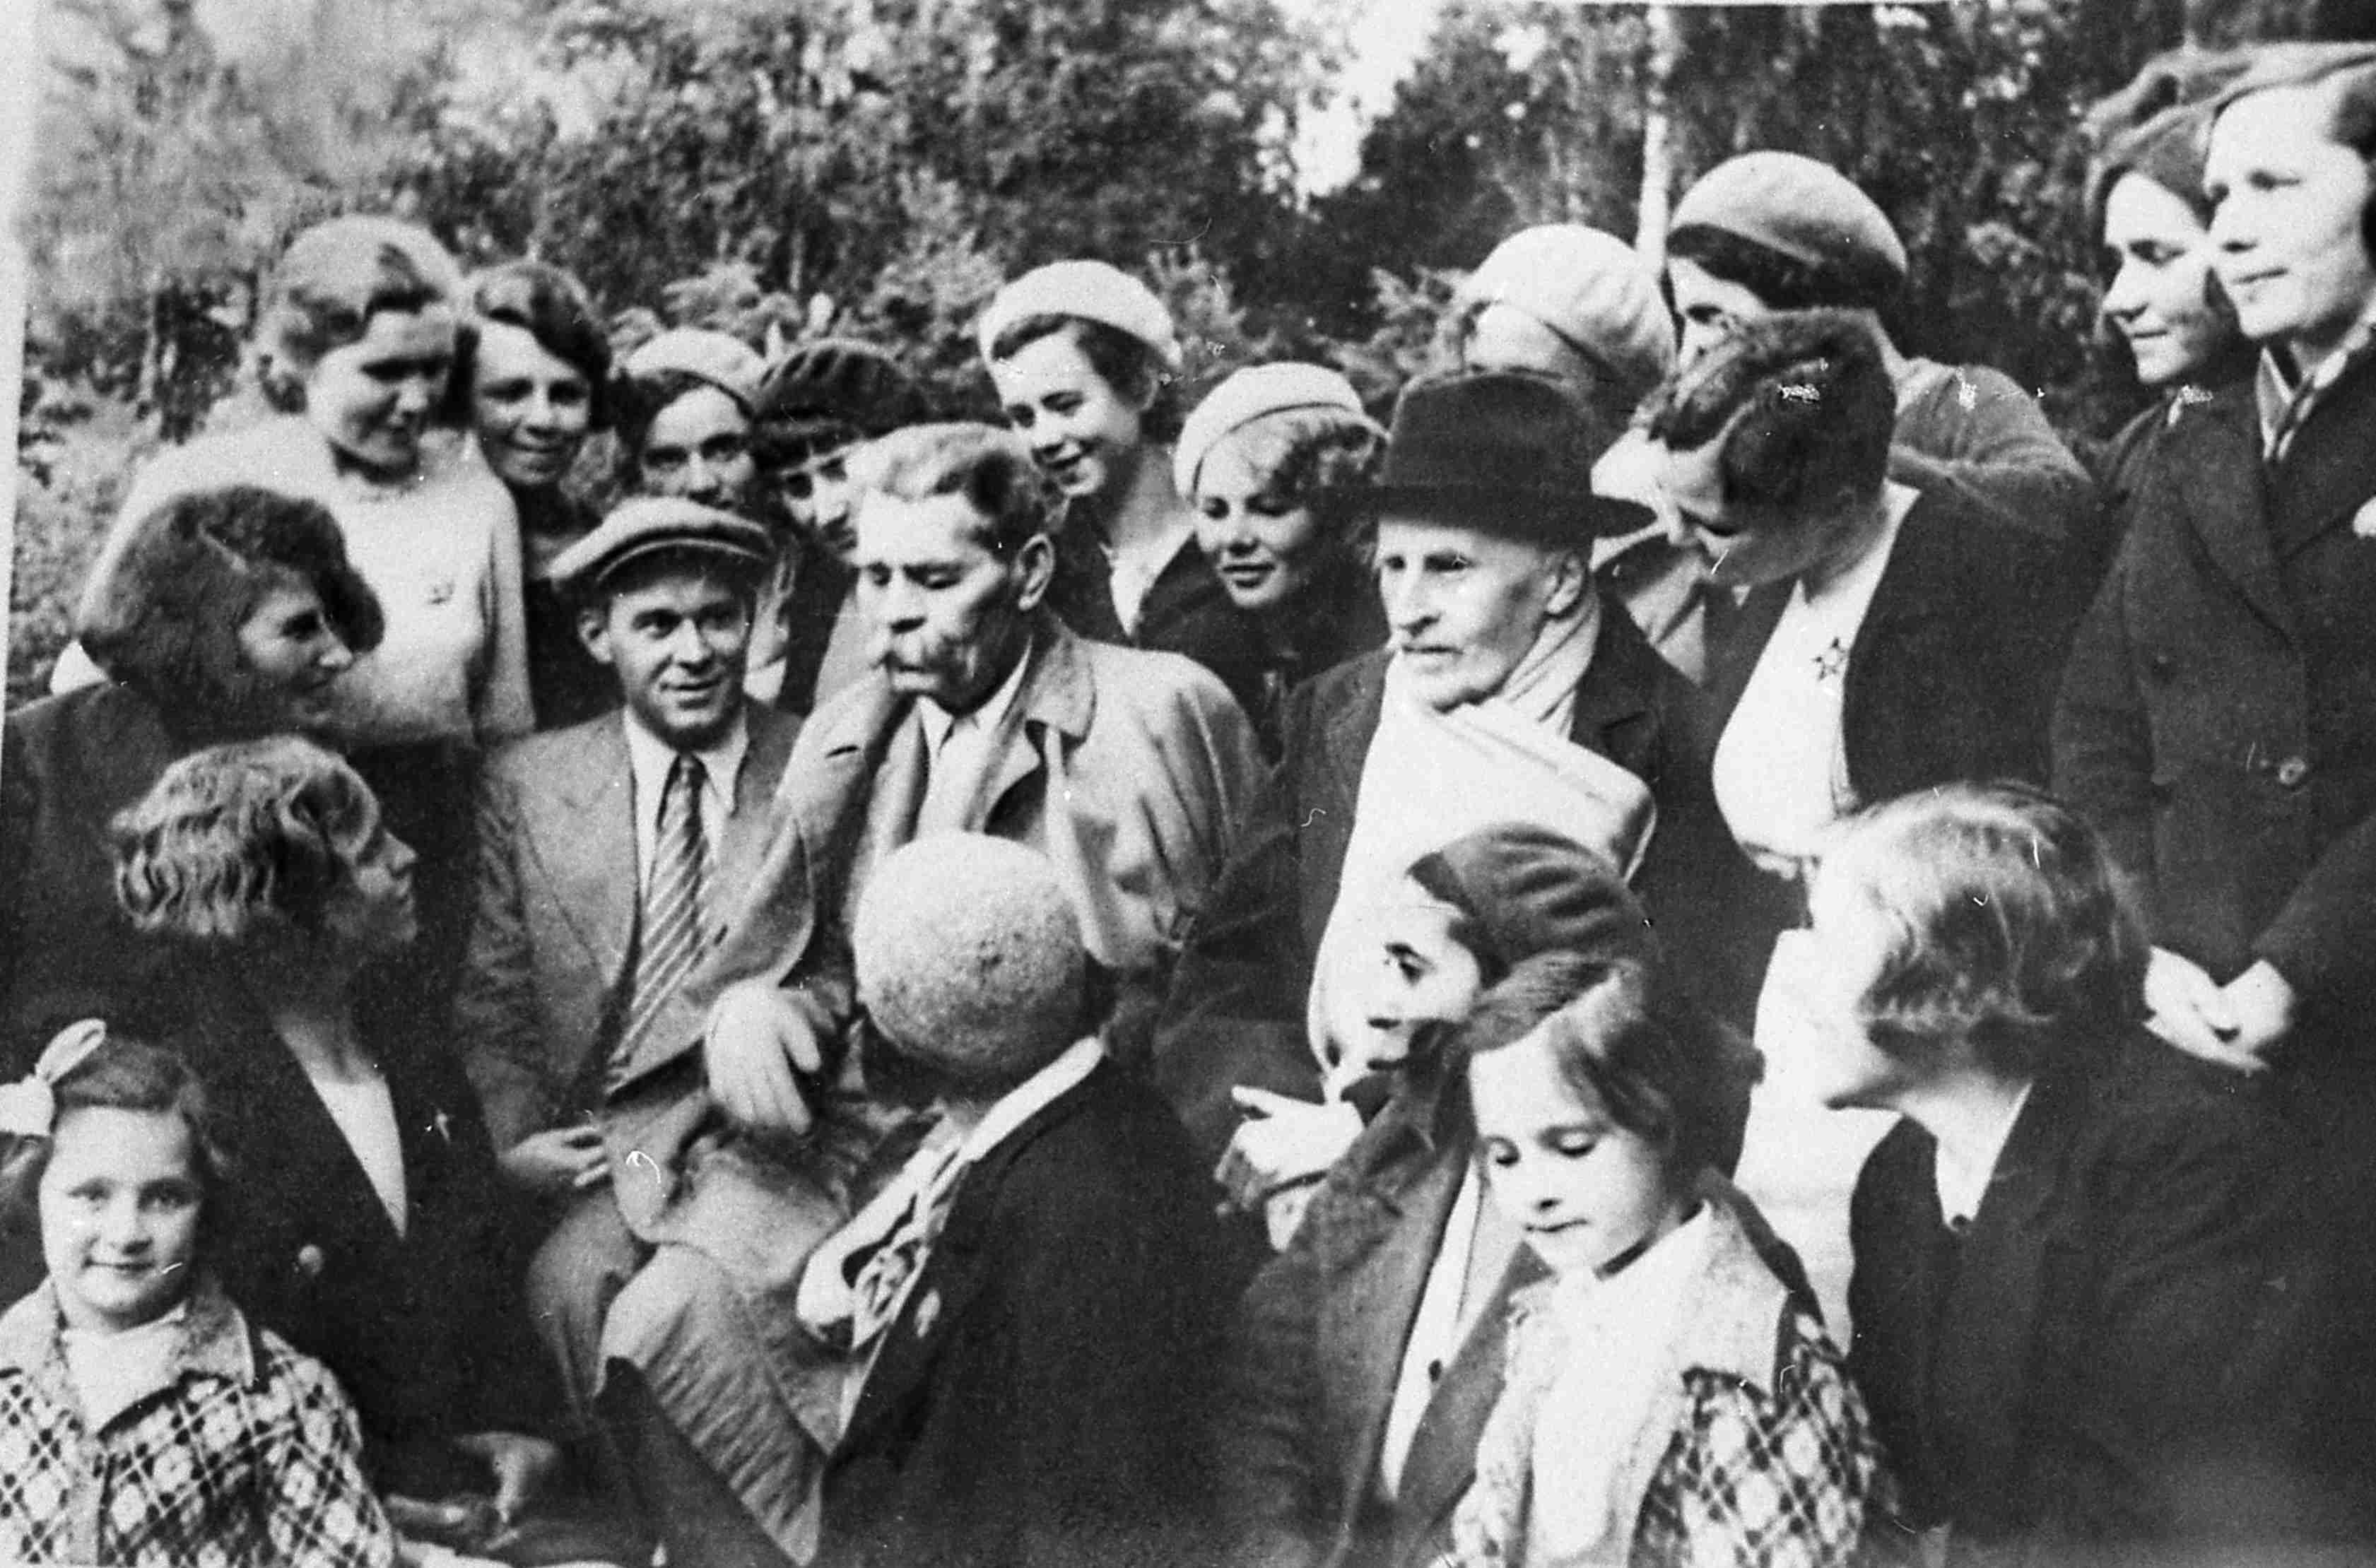 Экспонат #9. Ромен Роллан, Максим Горький и А.В. Косарев с комсомольцами. Июль 1935 года